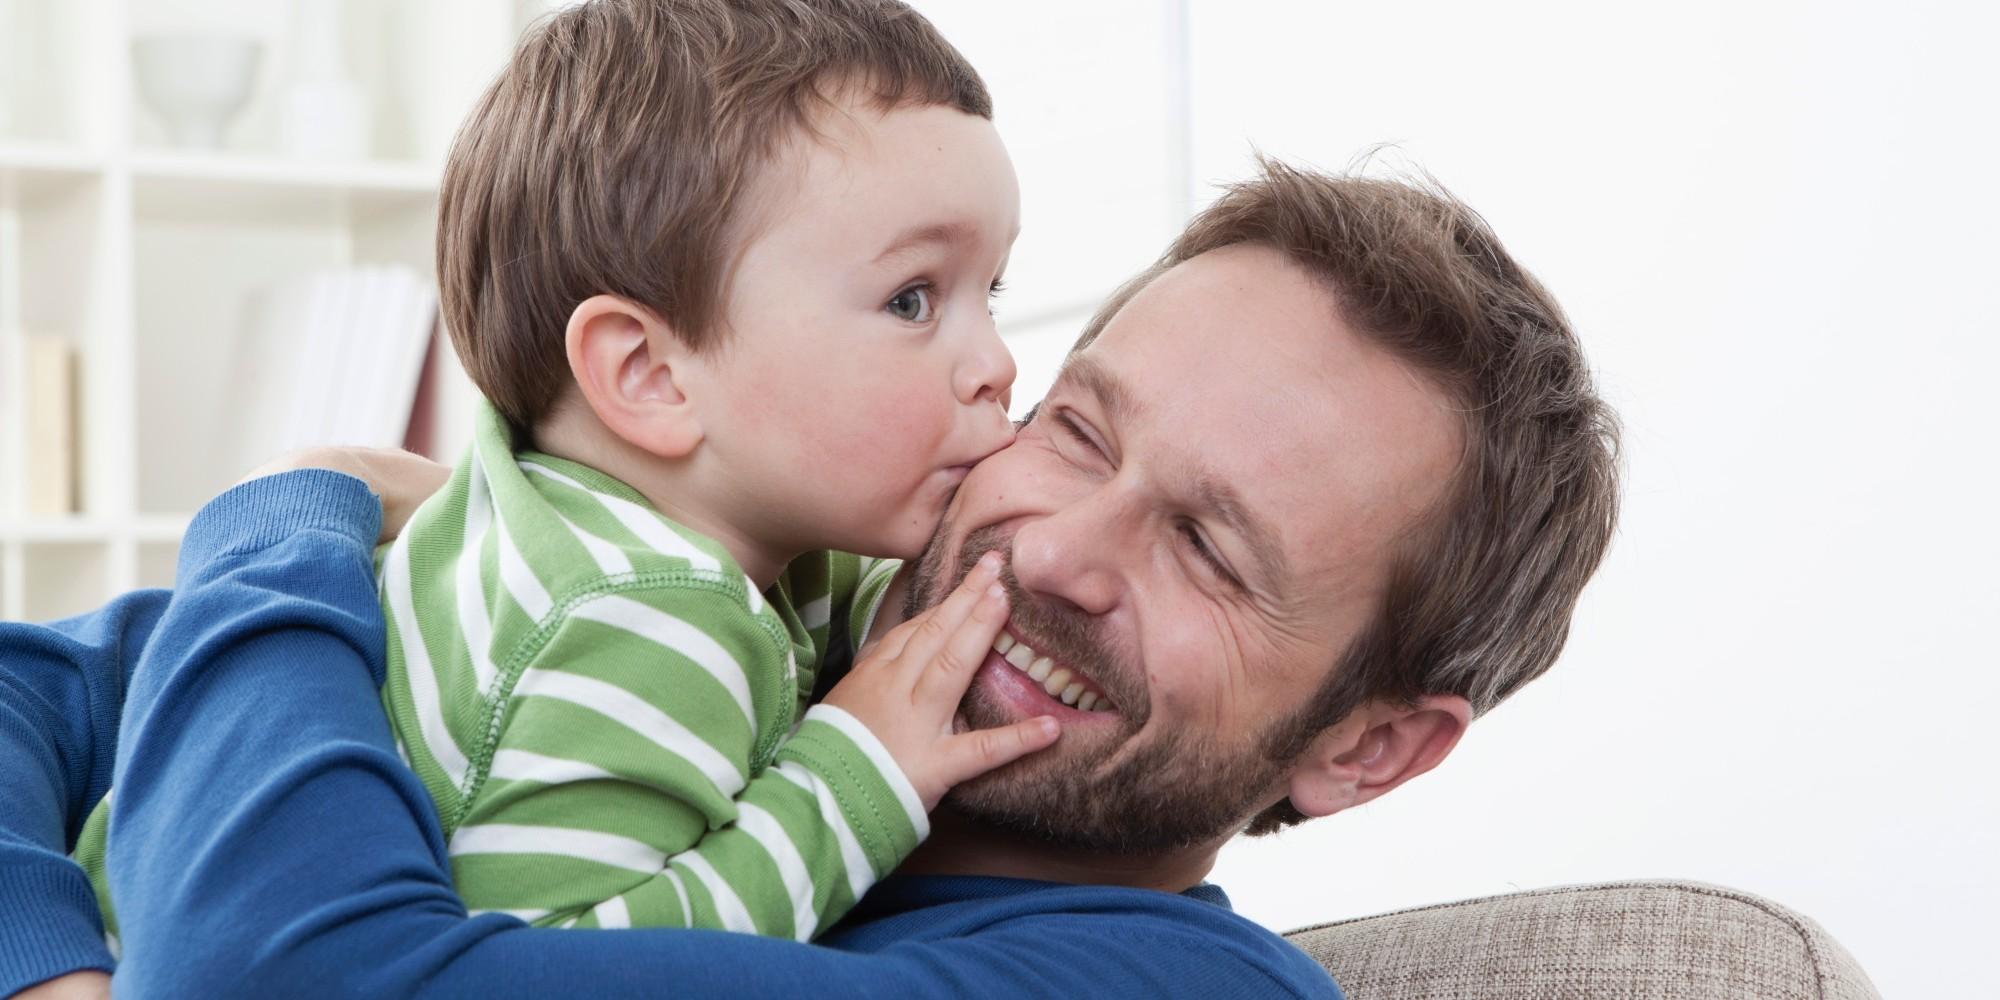 بالصور اجمل الصور عن الاب , مجموعة من اجمل الصور عن الاب 4376 18